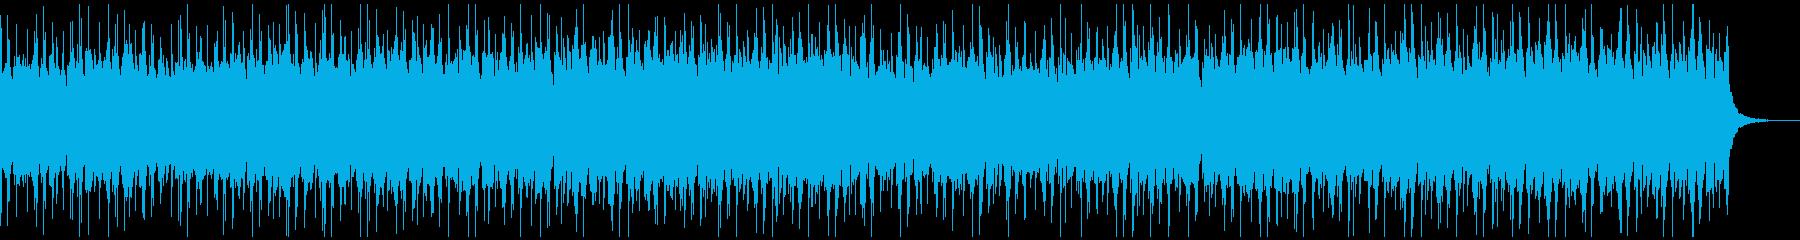 お洒落でリラックスしたチルHiphop1の再生済みの波形